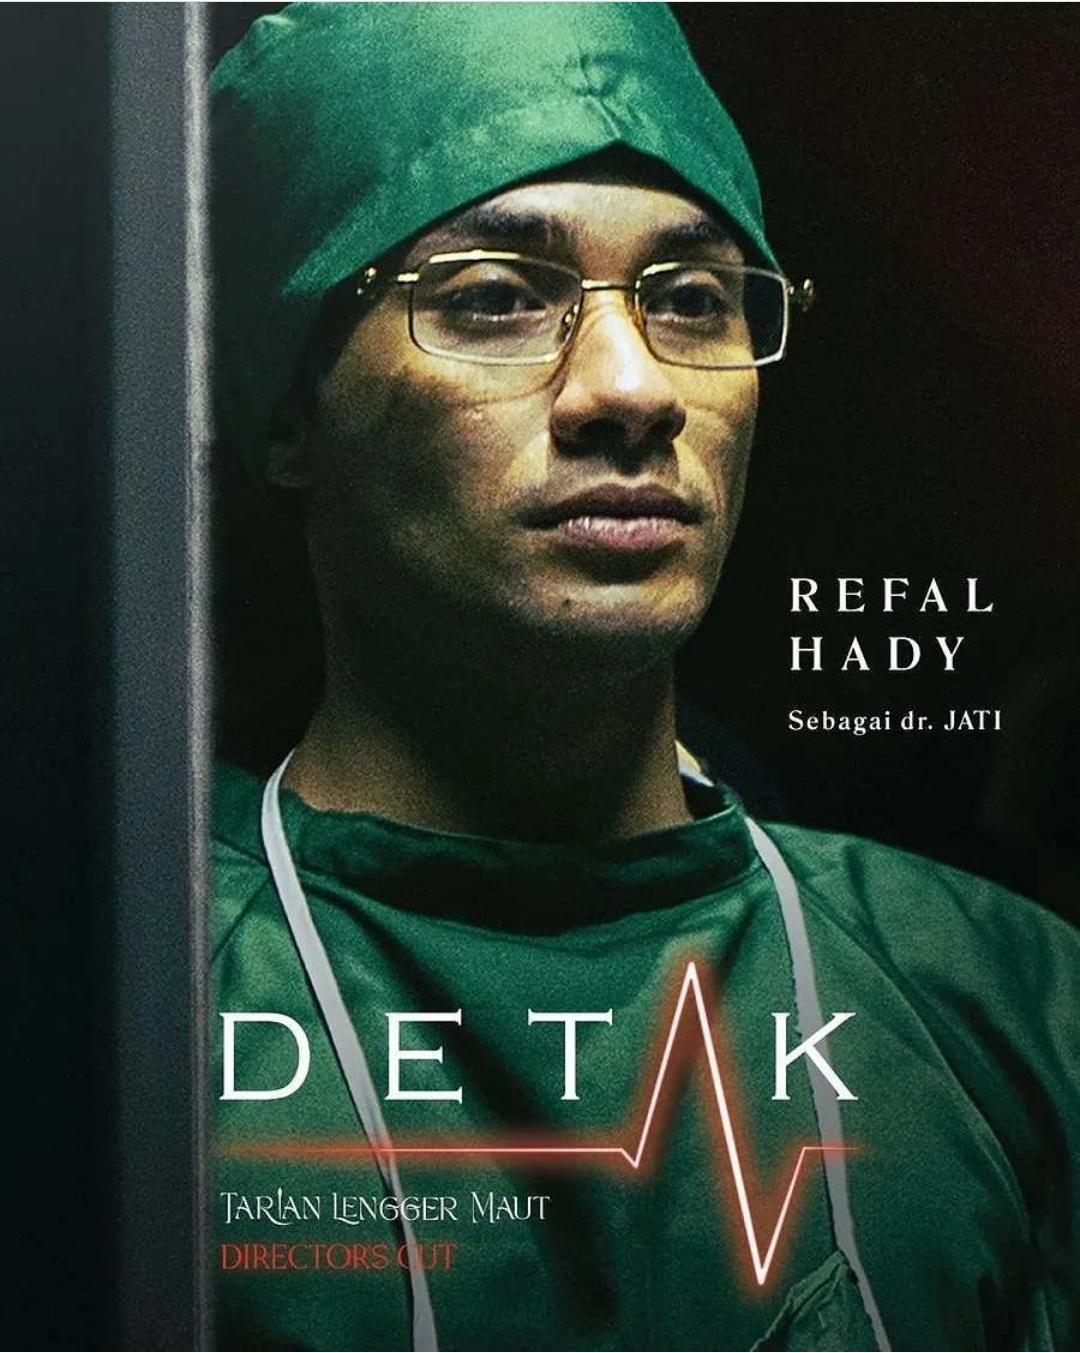 dr. Jati yang terobsesi dengan detak jantung